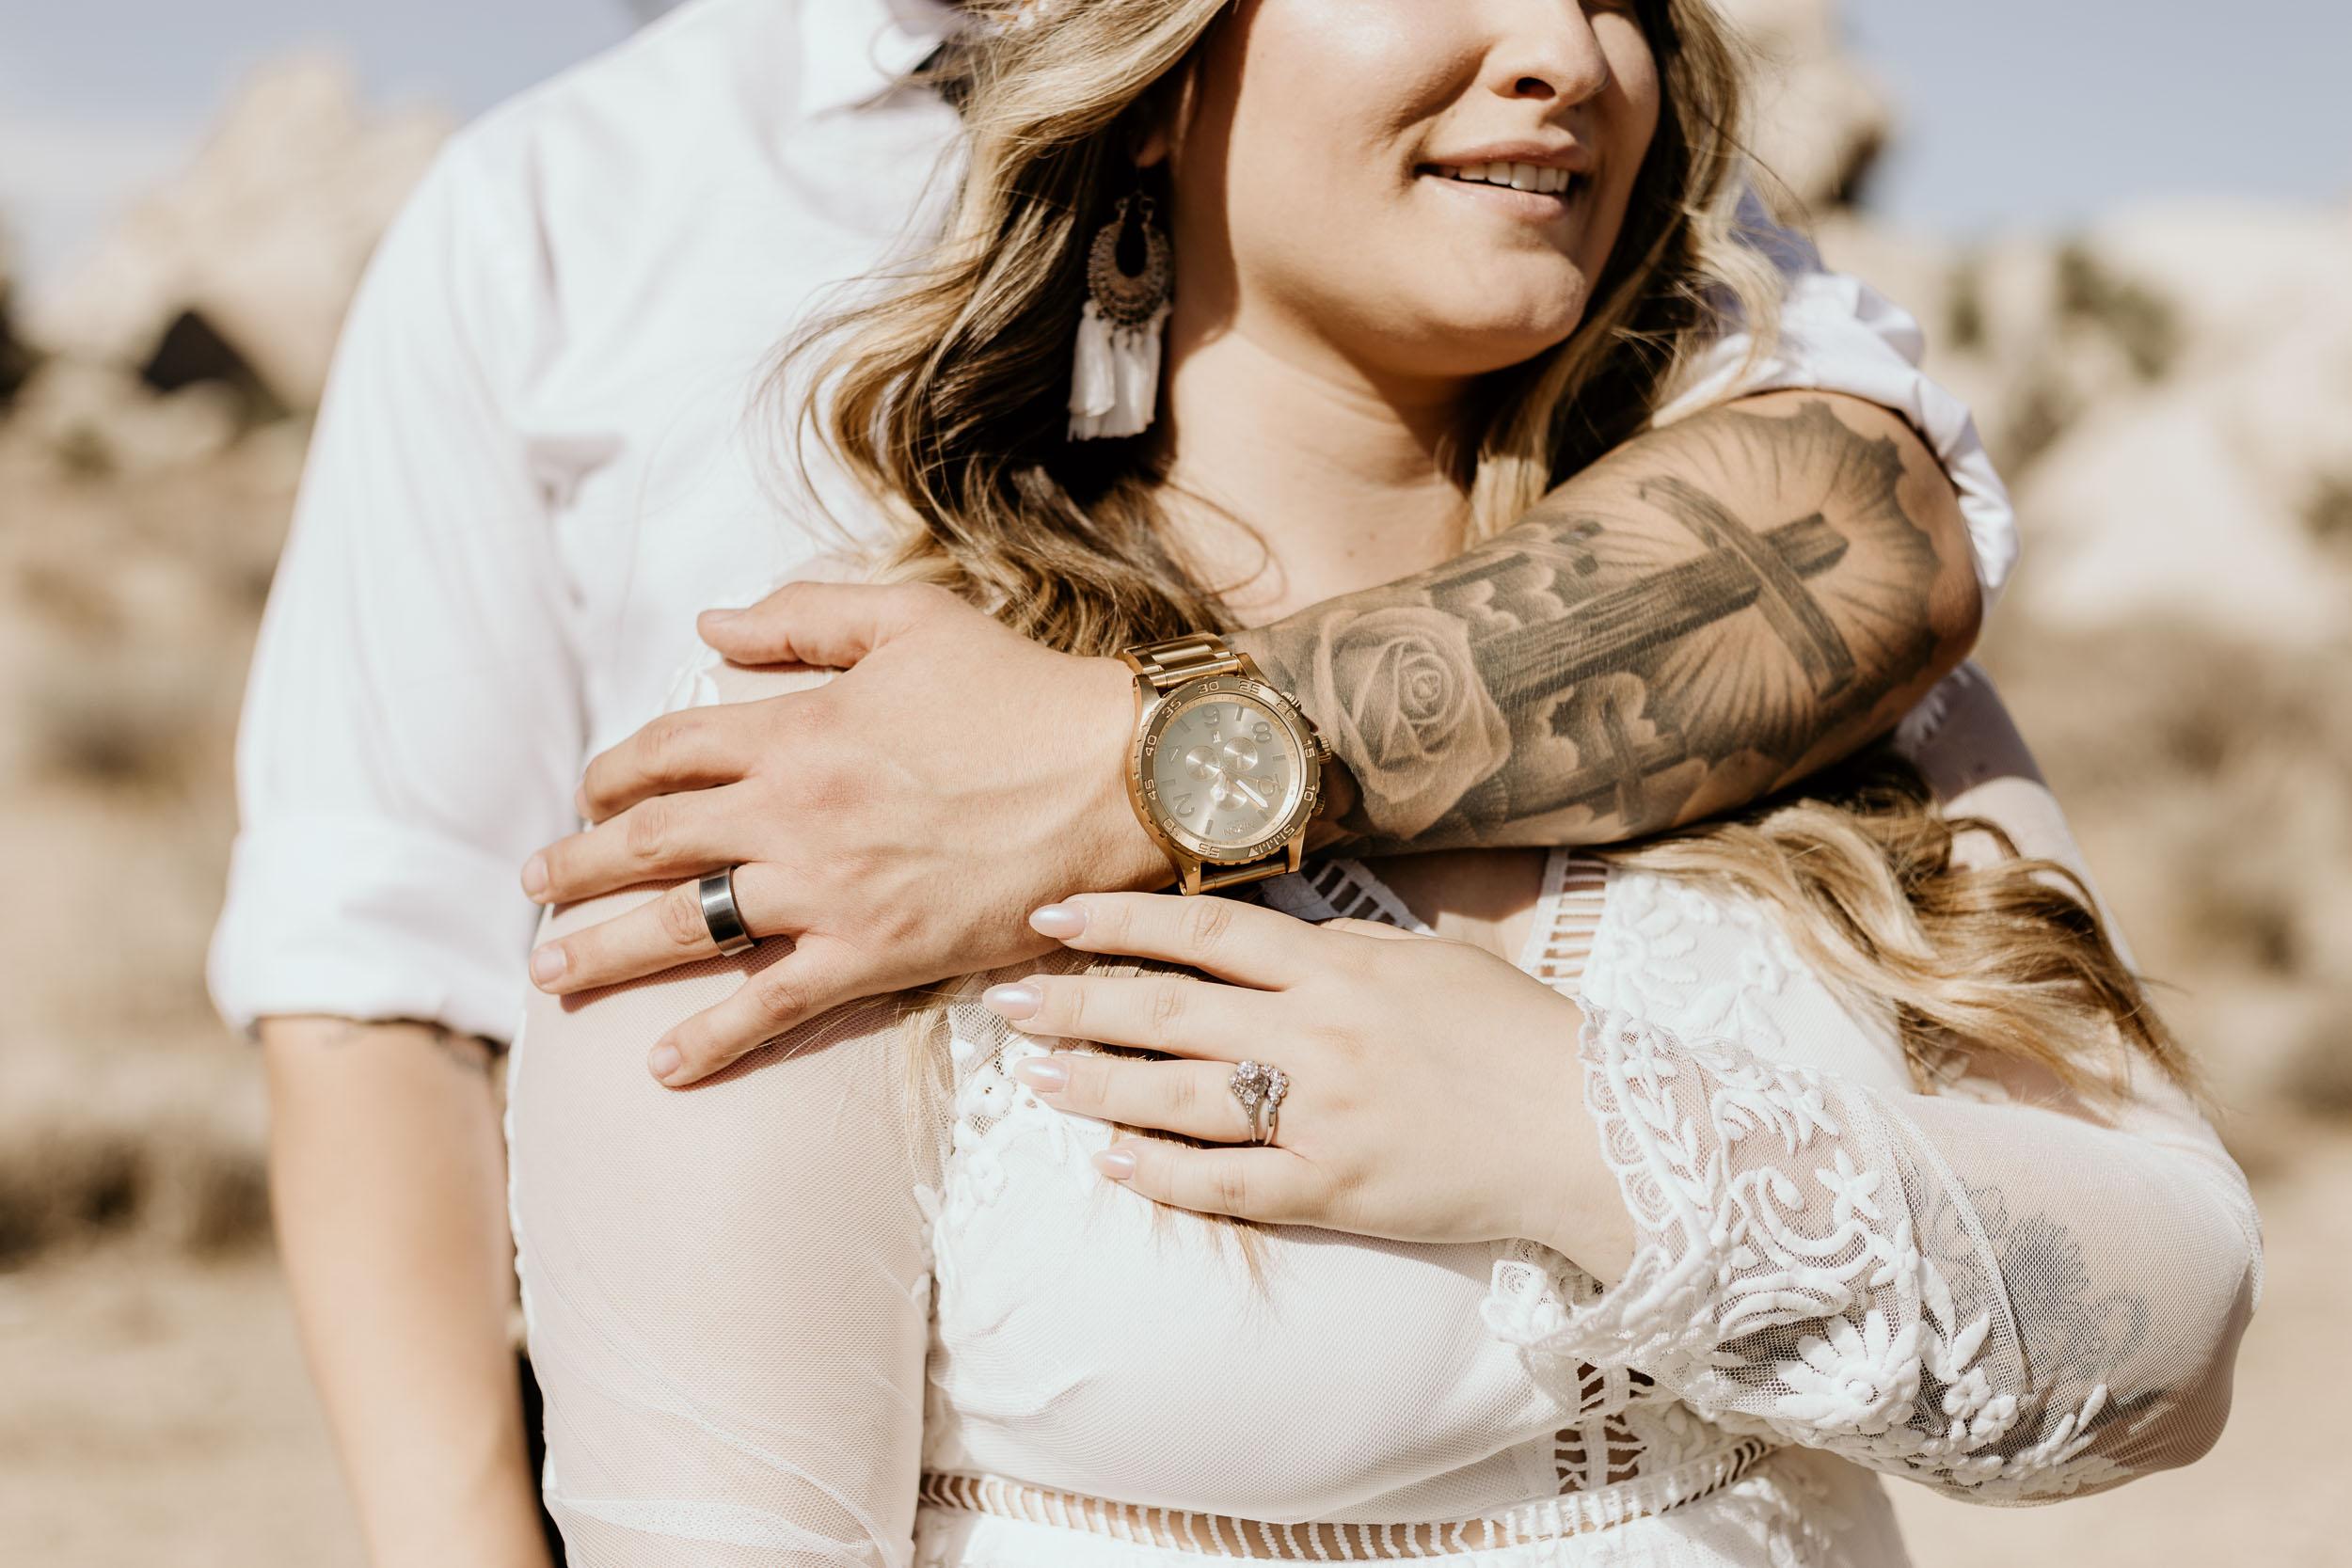 intimate-wedding-elopement-photographer-ottawa-joshua-tree-0401.jpg